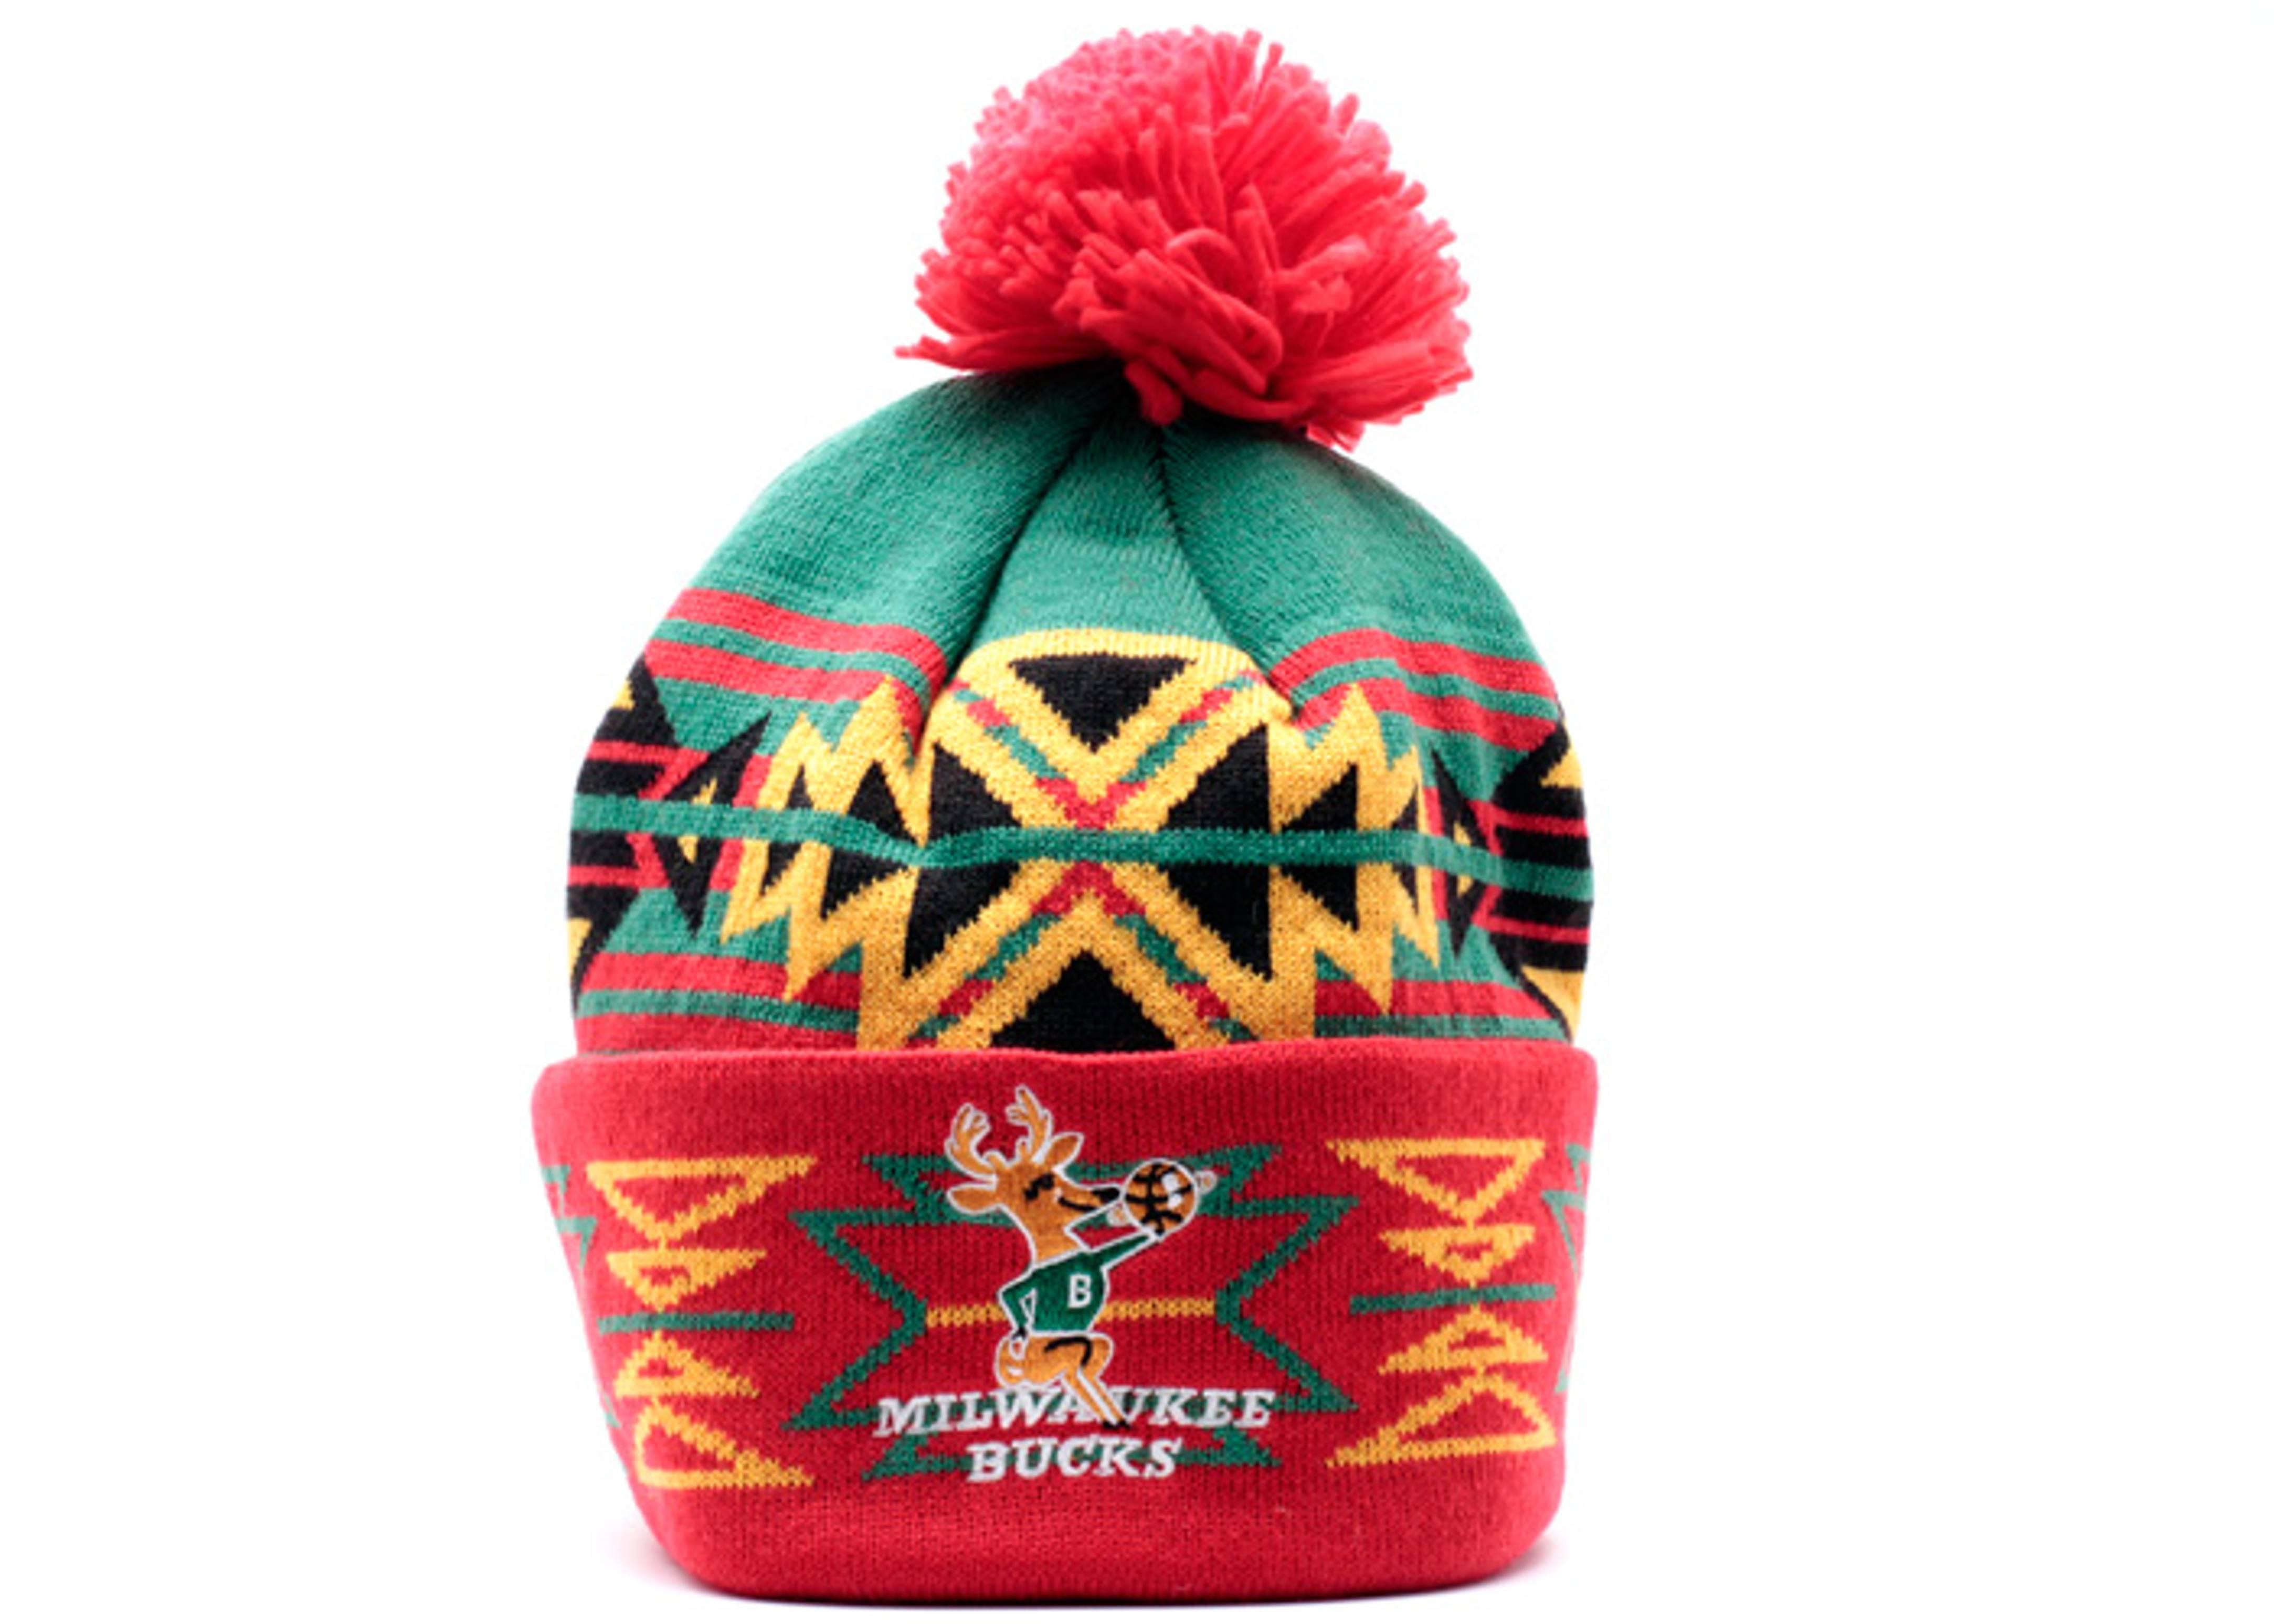 milwaukee bucks geotech cuffed pom knit beanie